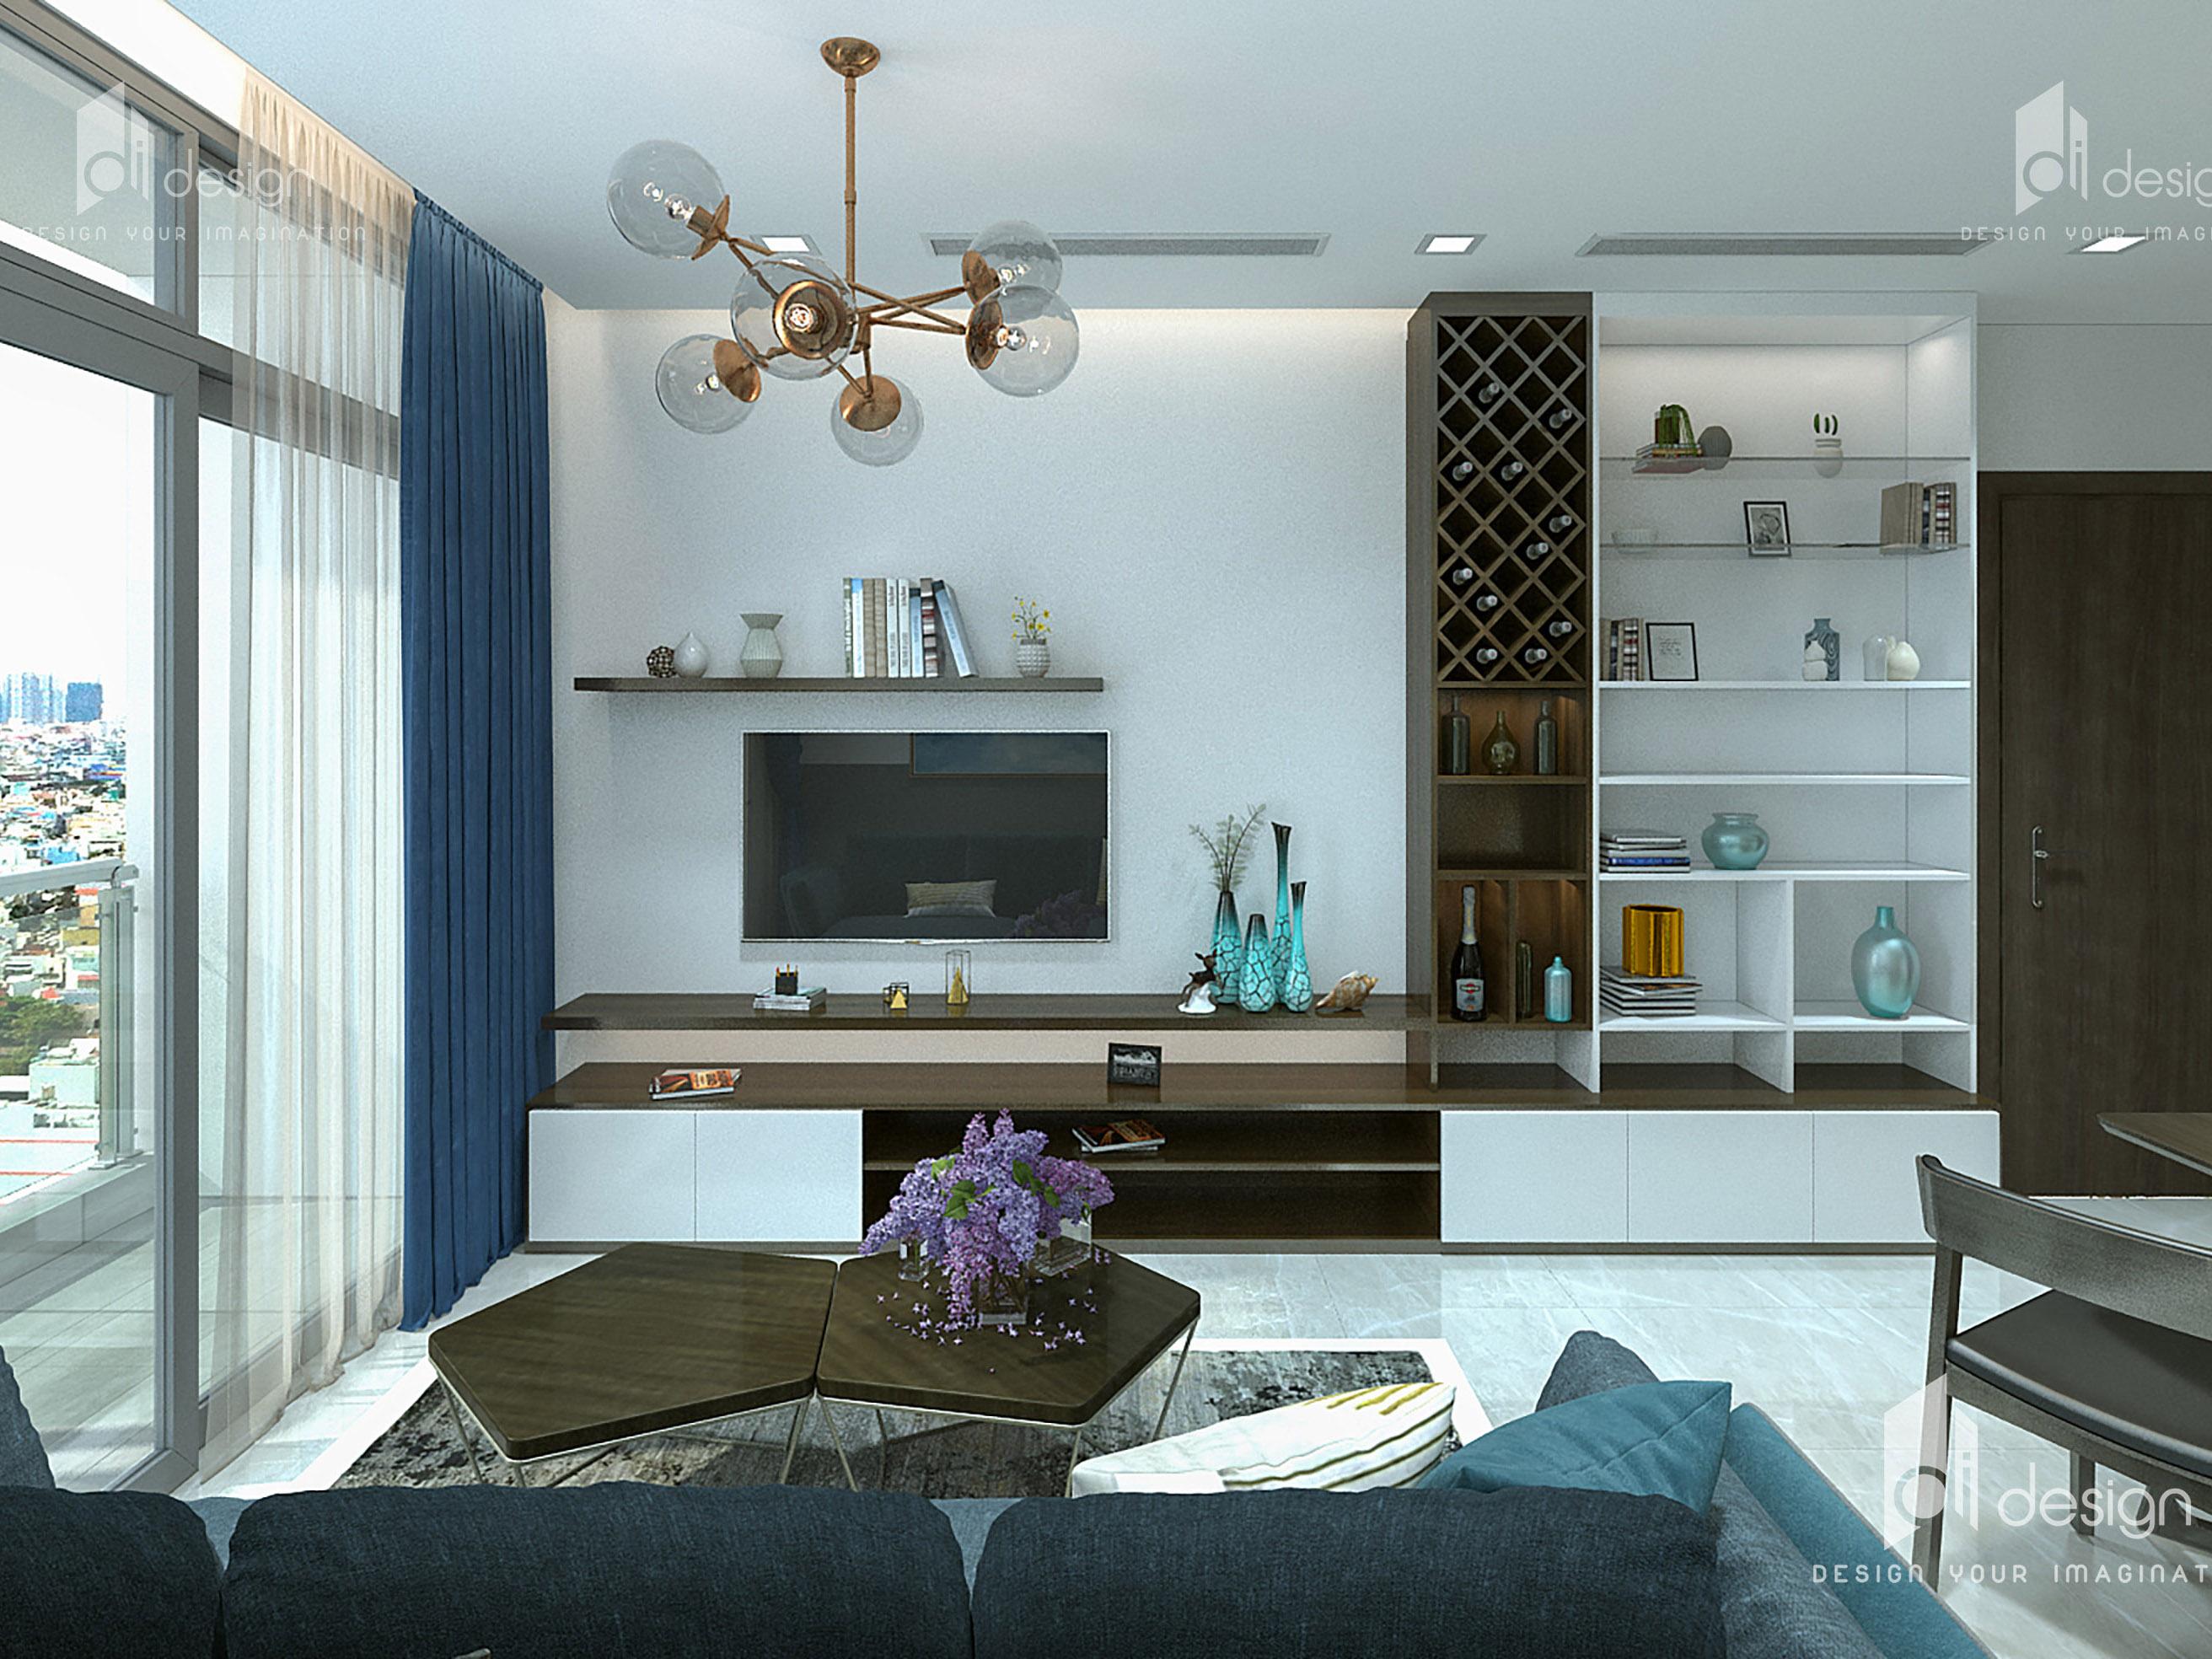 Thiết kế nội thất căn hộ Vinhomes Bason 63m2